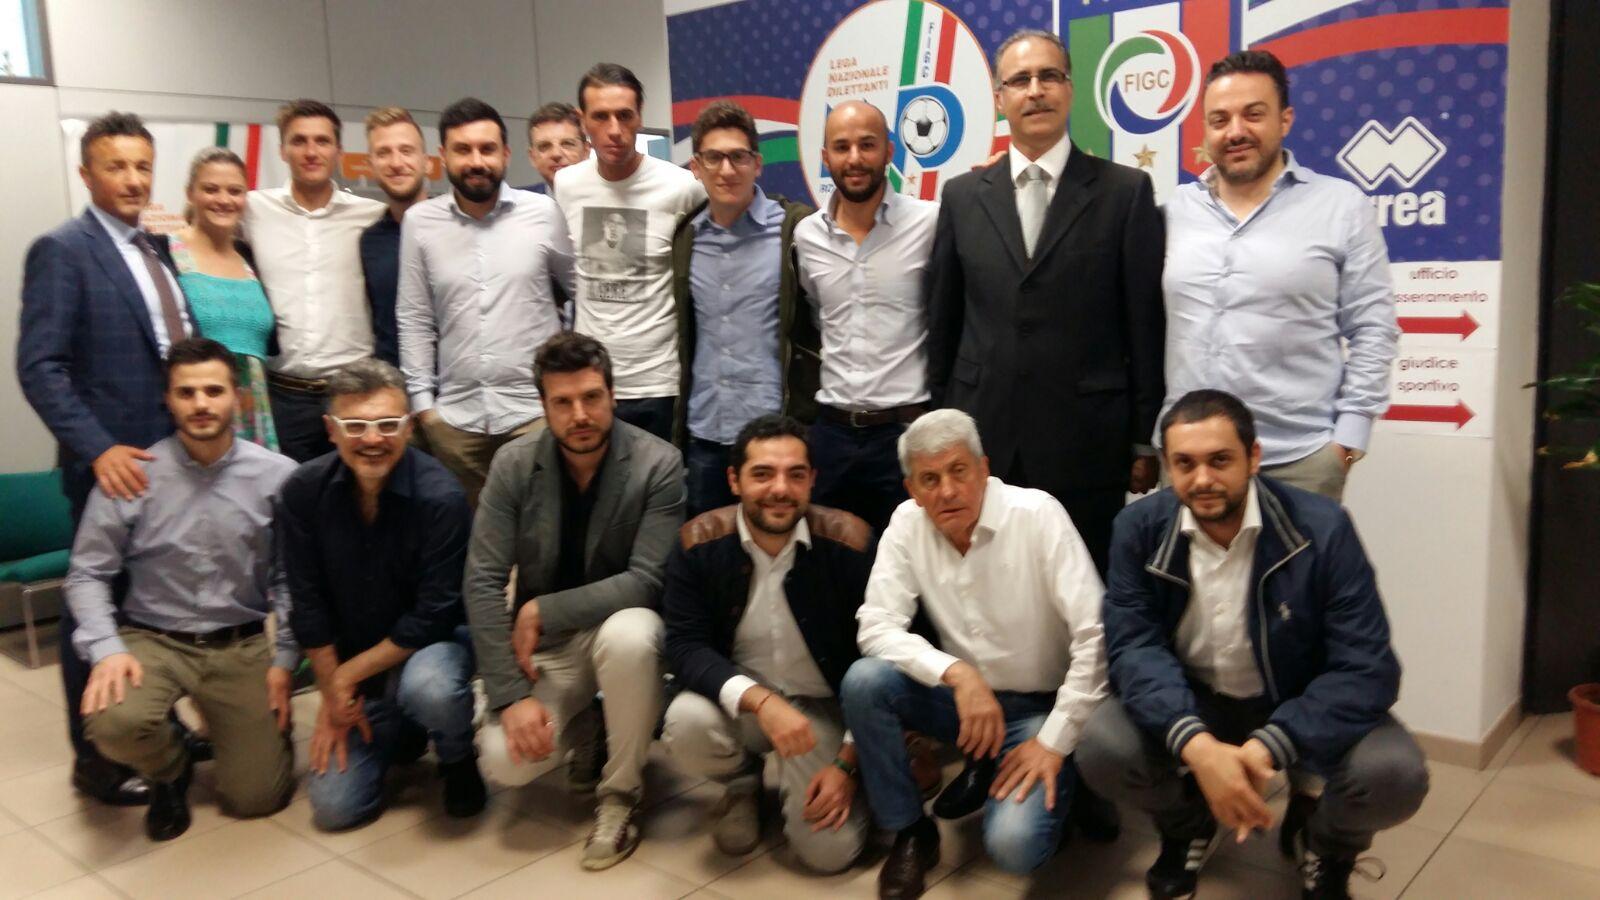 Tanta Soddisfazione Agli Esami Finali Del Corso Per Collaboratori Di Bologna